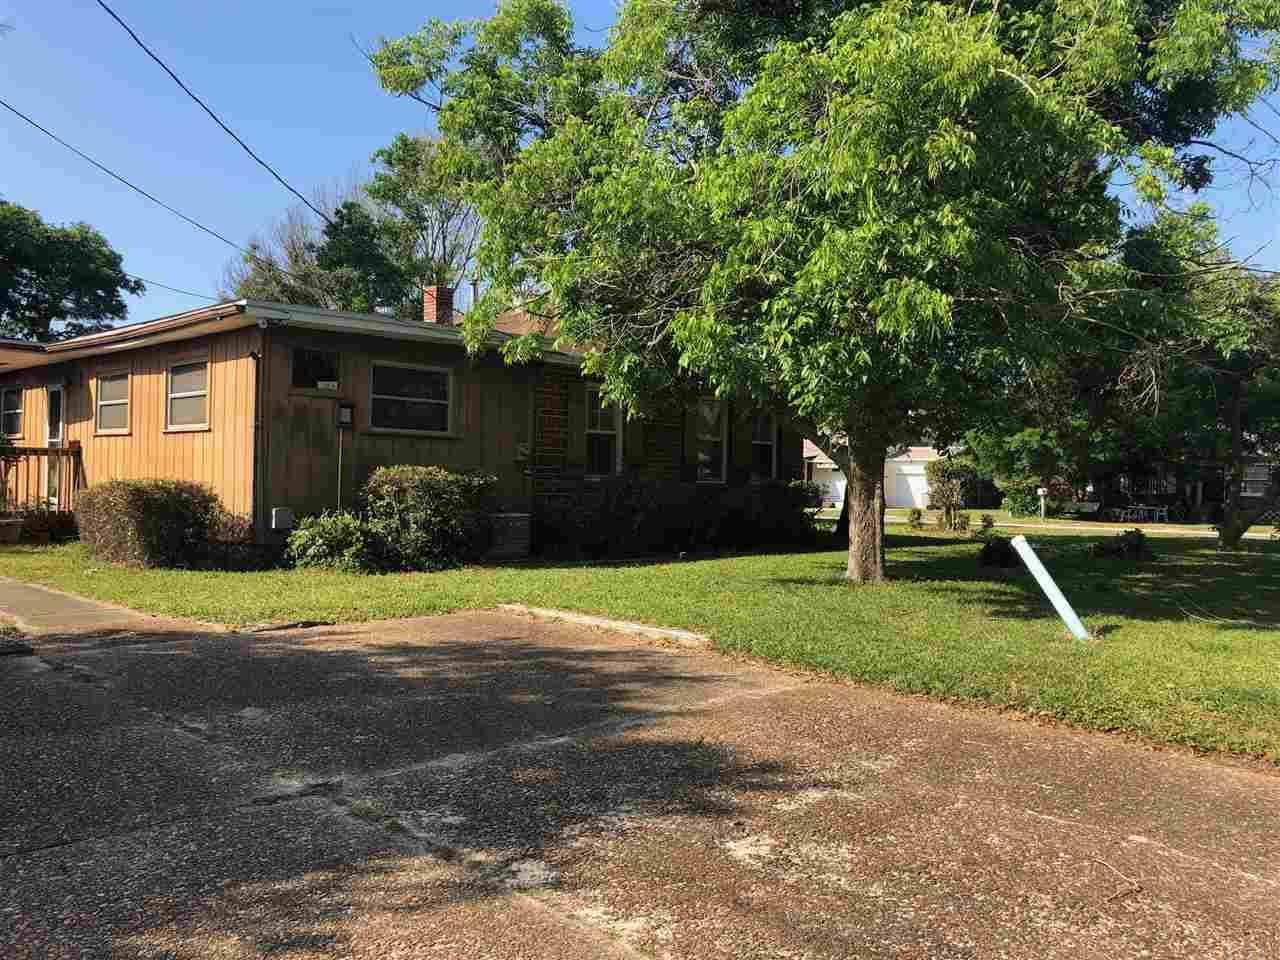 6 Nw Kalash Rd, Pensacola, FL 32507